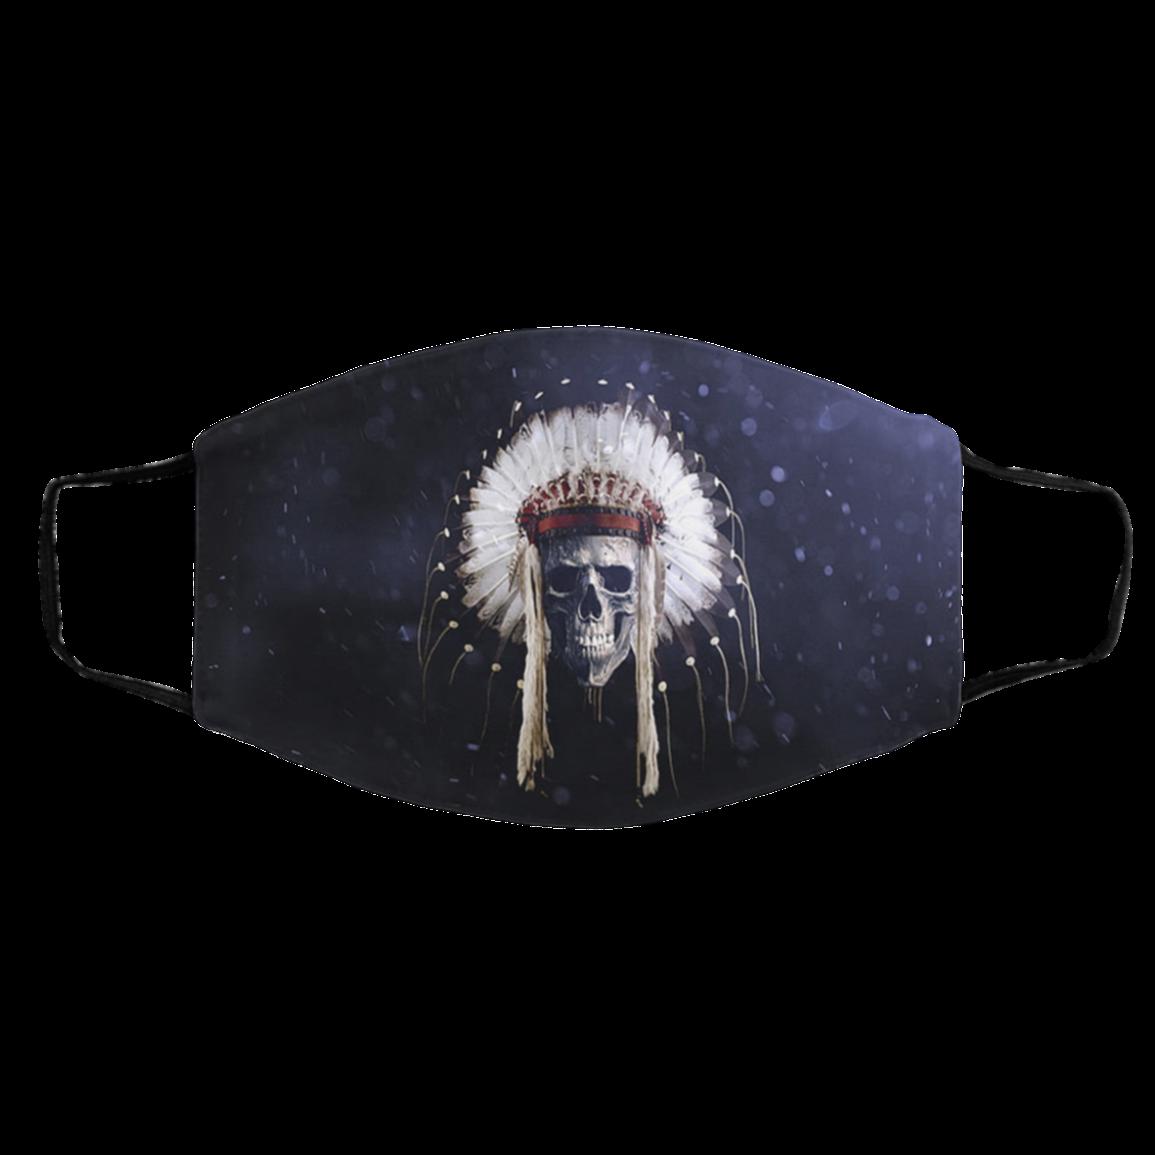 N-ati-ve Logo Skull Face Masks For Fans